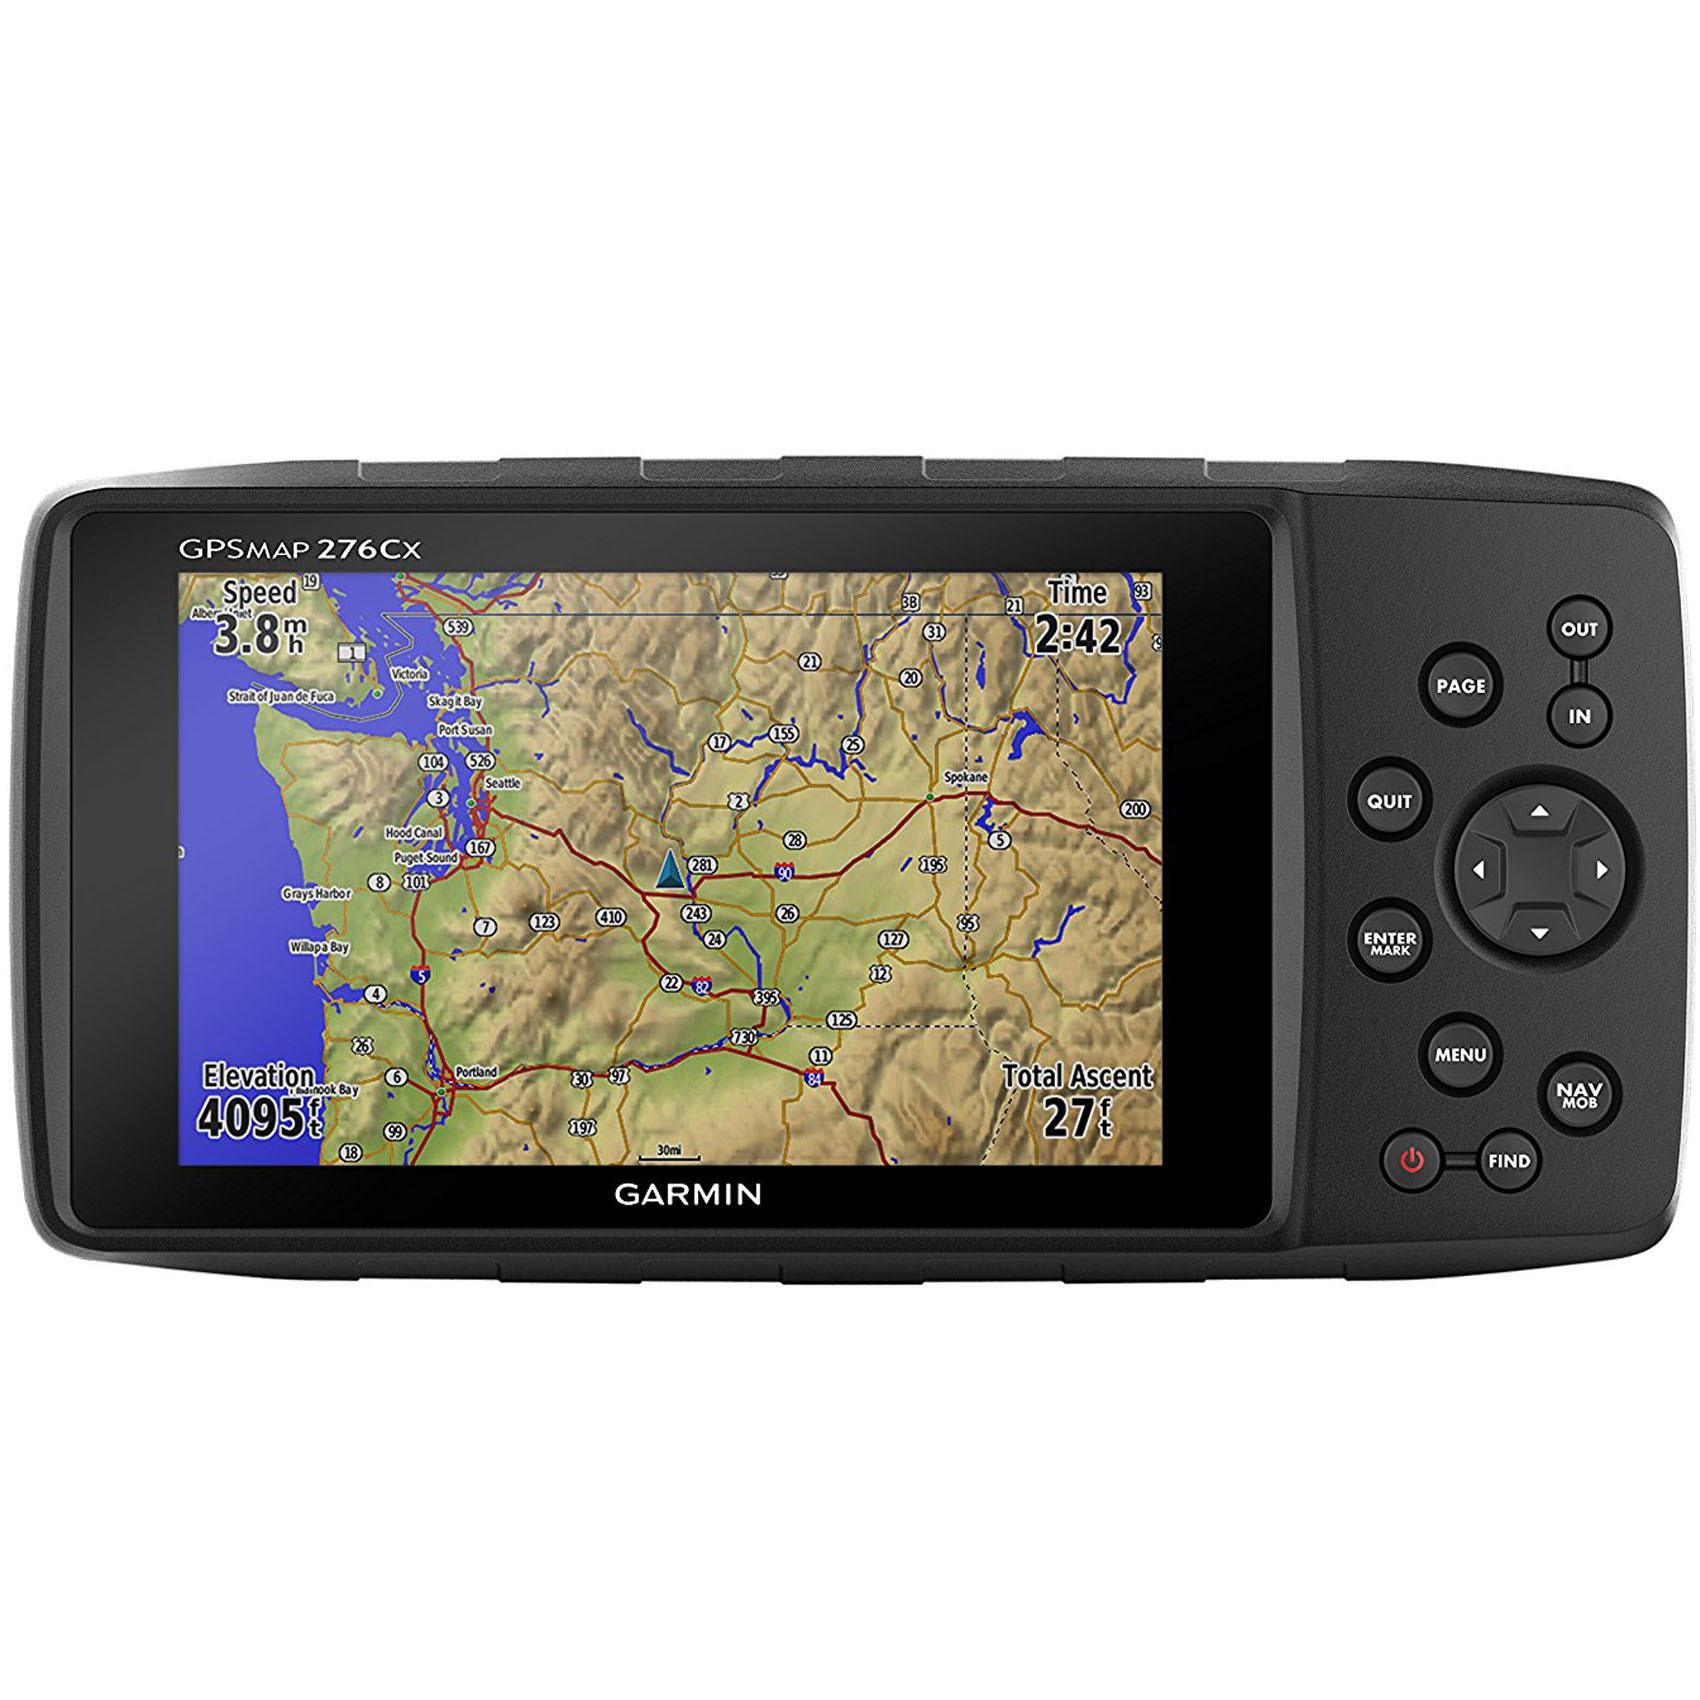 GARMIN GPS MAP 276 CX ARABIC